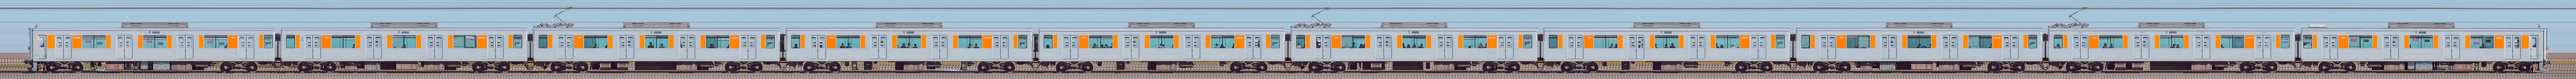 東武50000型51008編成(スカイツリーライン転属後・山側)の編成サイドビュー